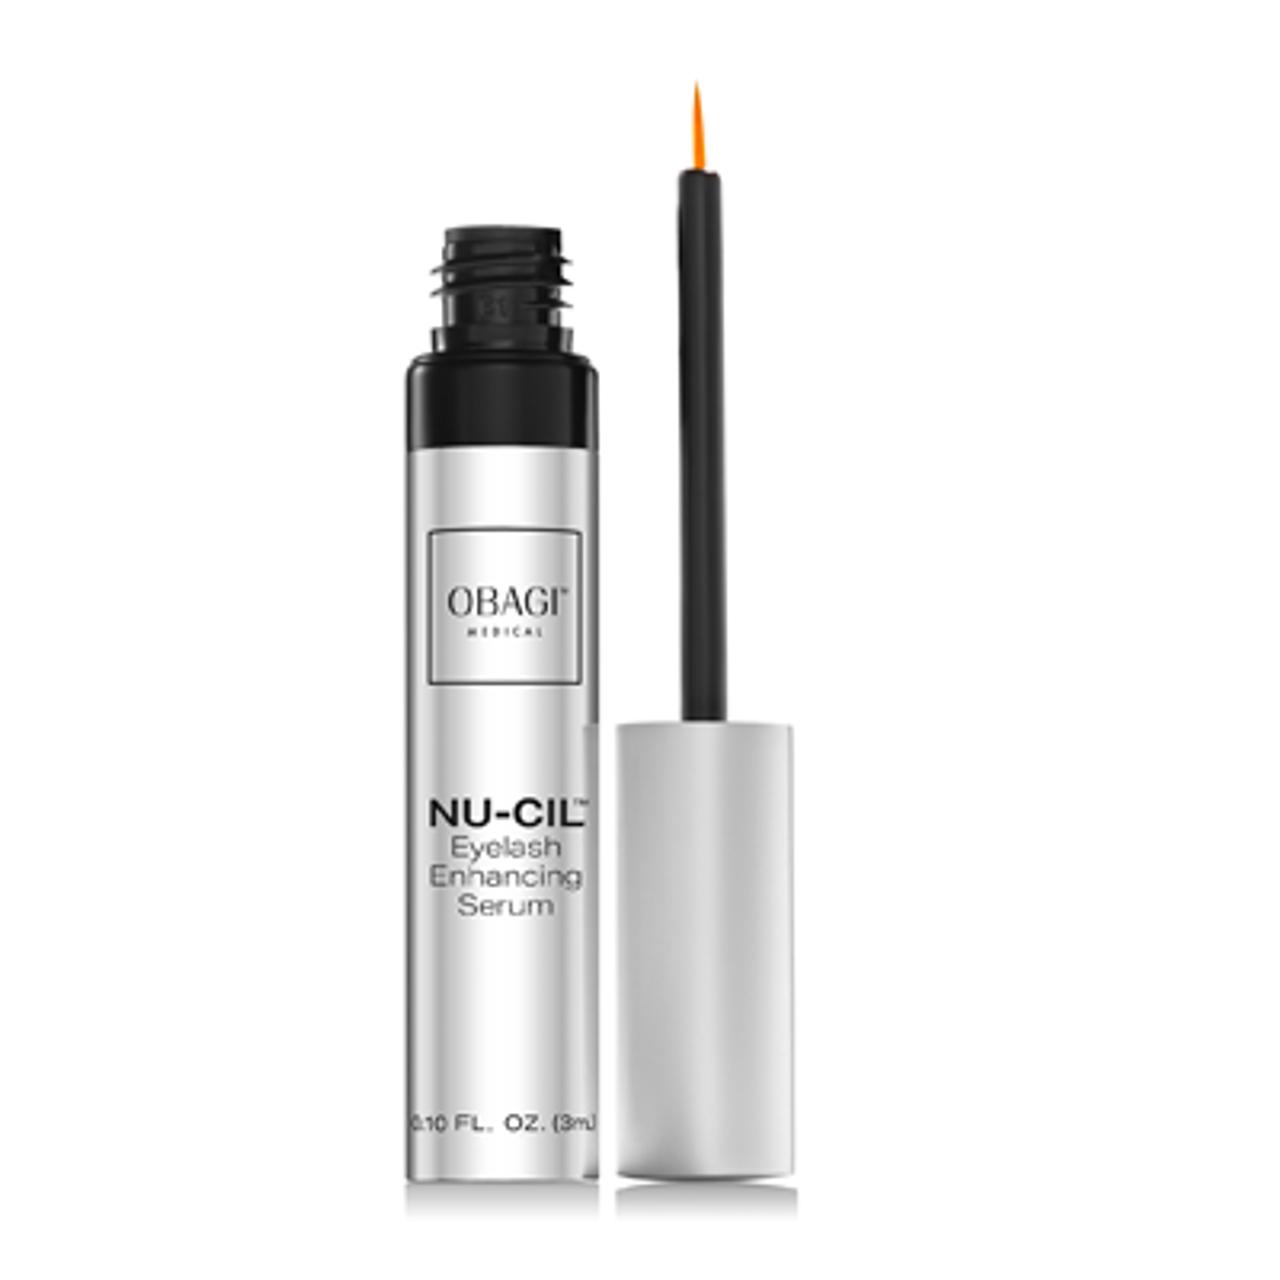 Nu-Cil Eyelash Enhancing Serum